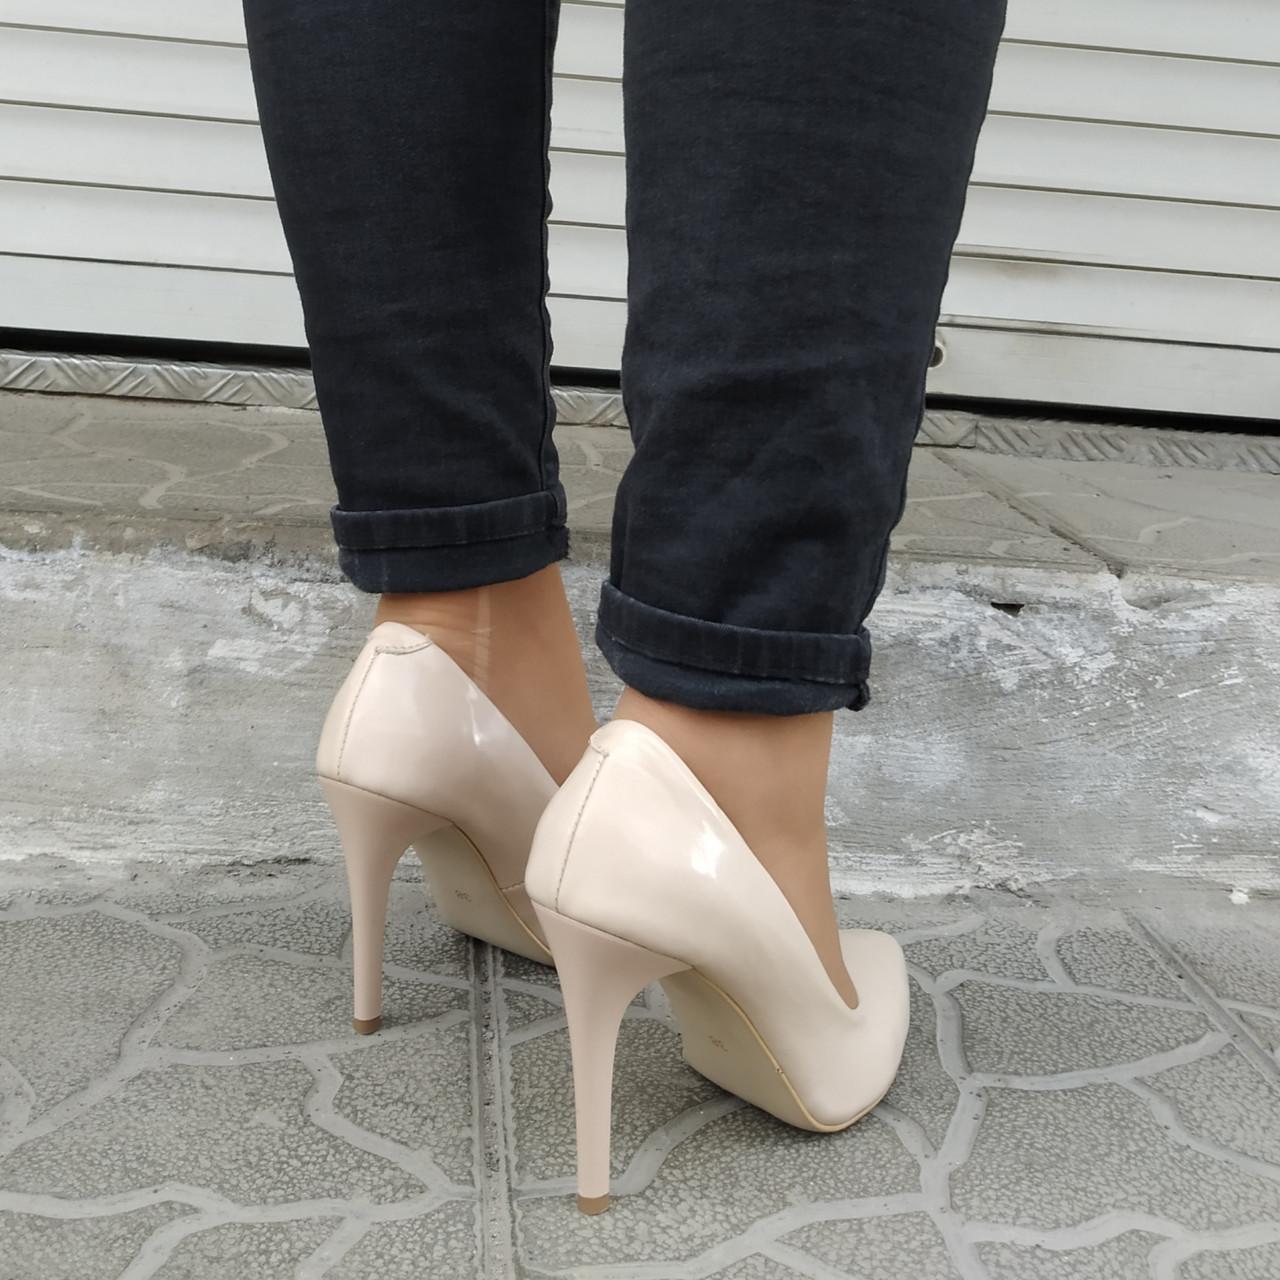 Туфли женские на каблуке шпильке лаковая кожа бежевые